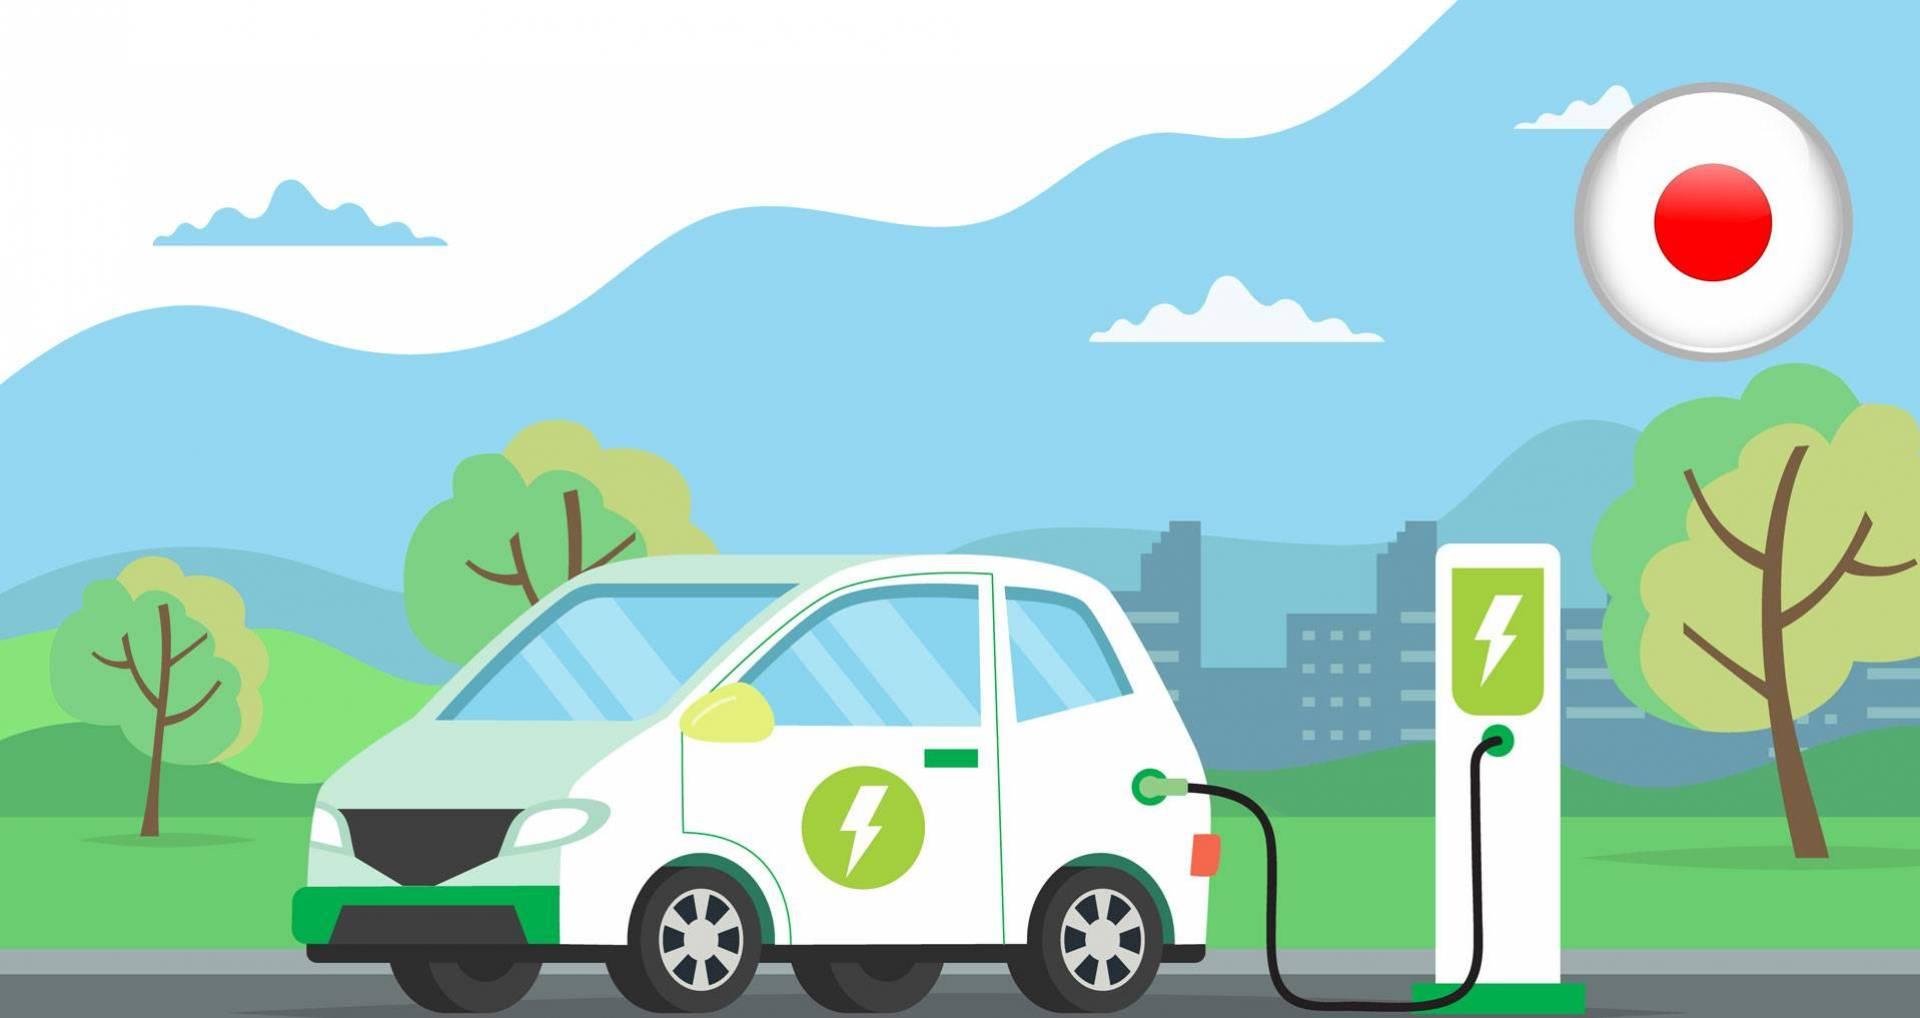 اليابان تسعى الى تحول مركباتها الى الطاقة الكهربائية